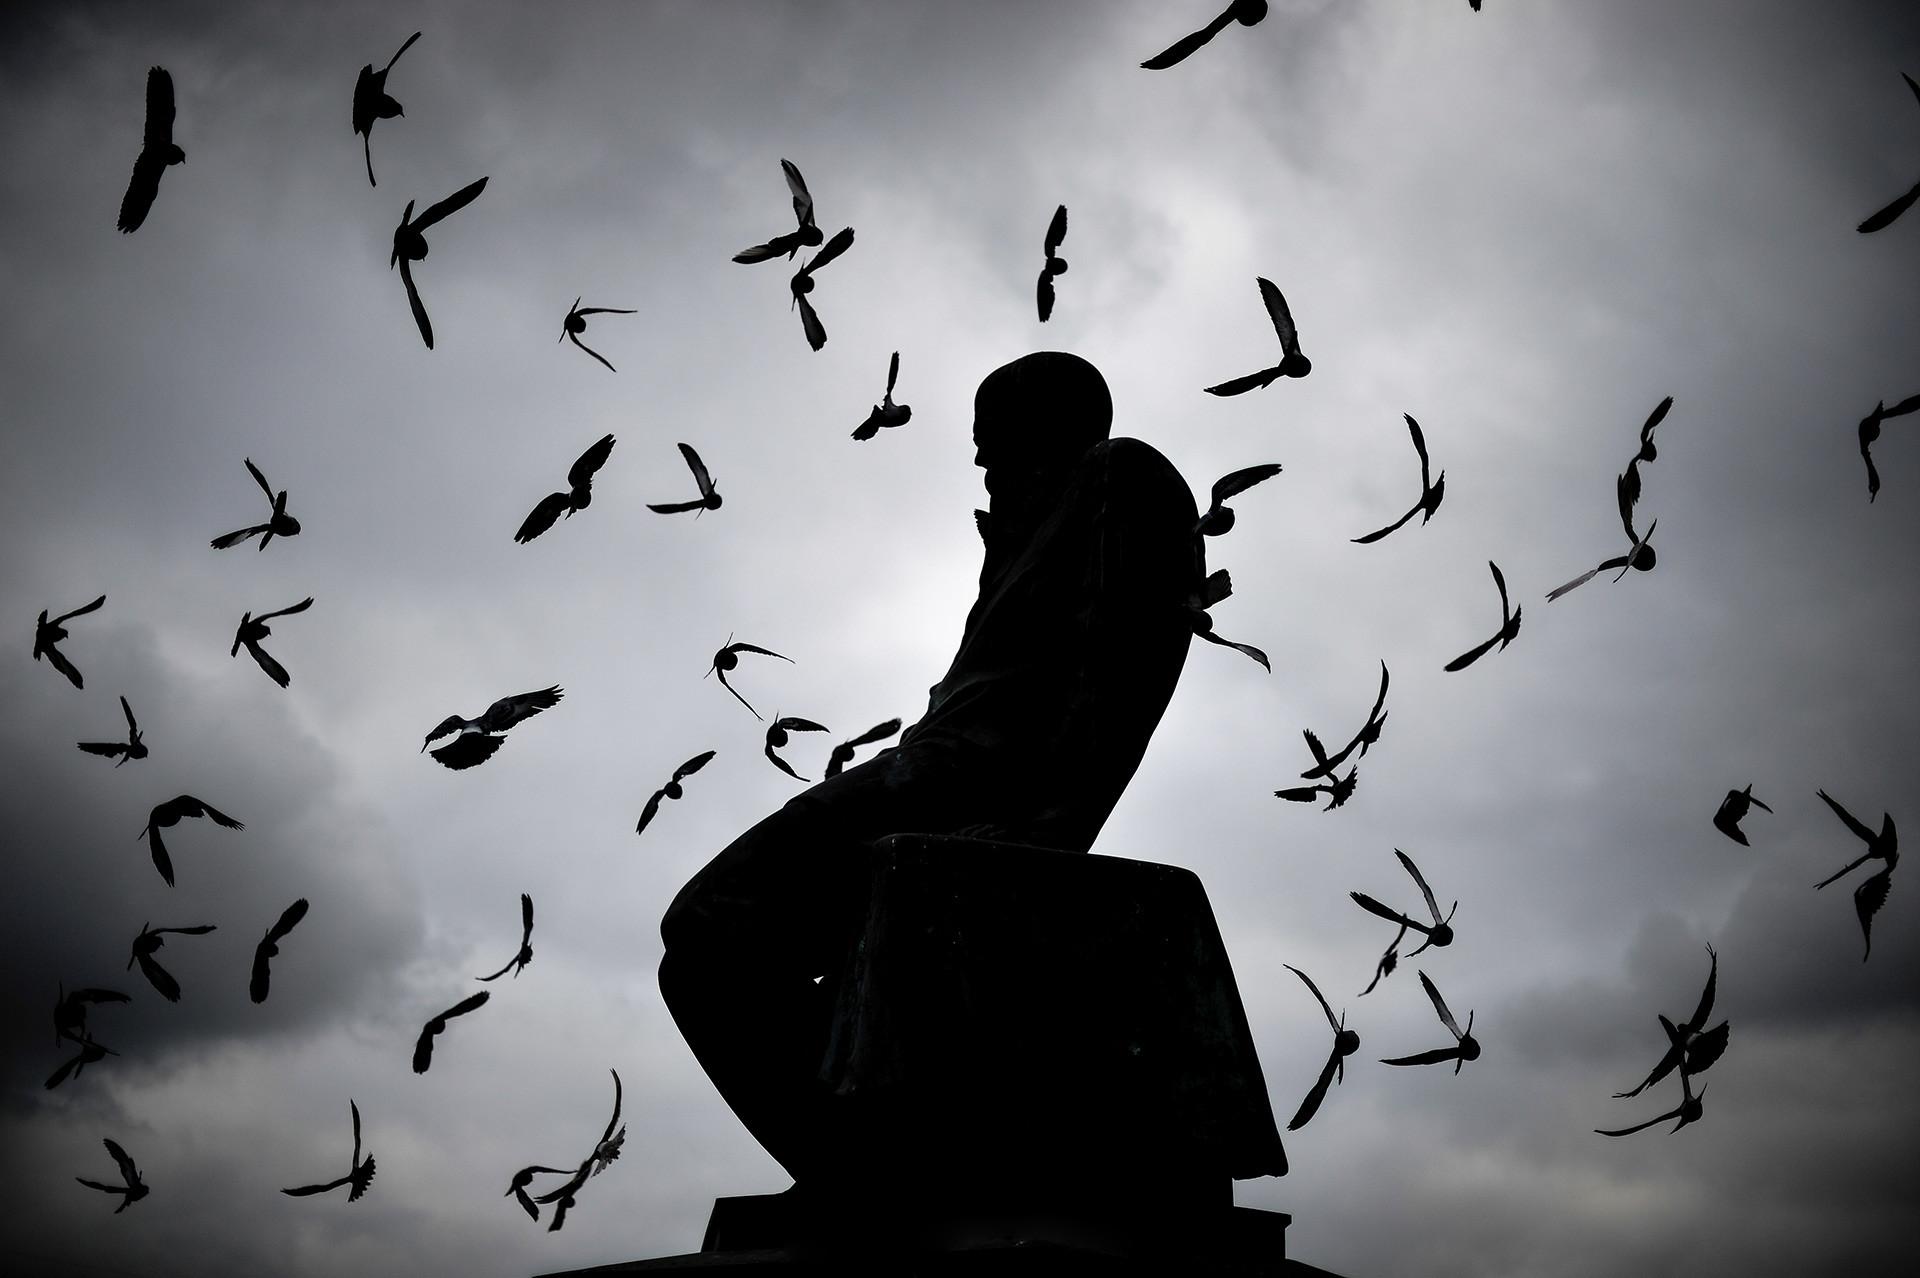 Monumento a Dostoievski situado cerca de la Biblioteca Estatal de Rusia en Moscú